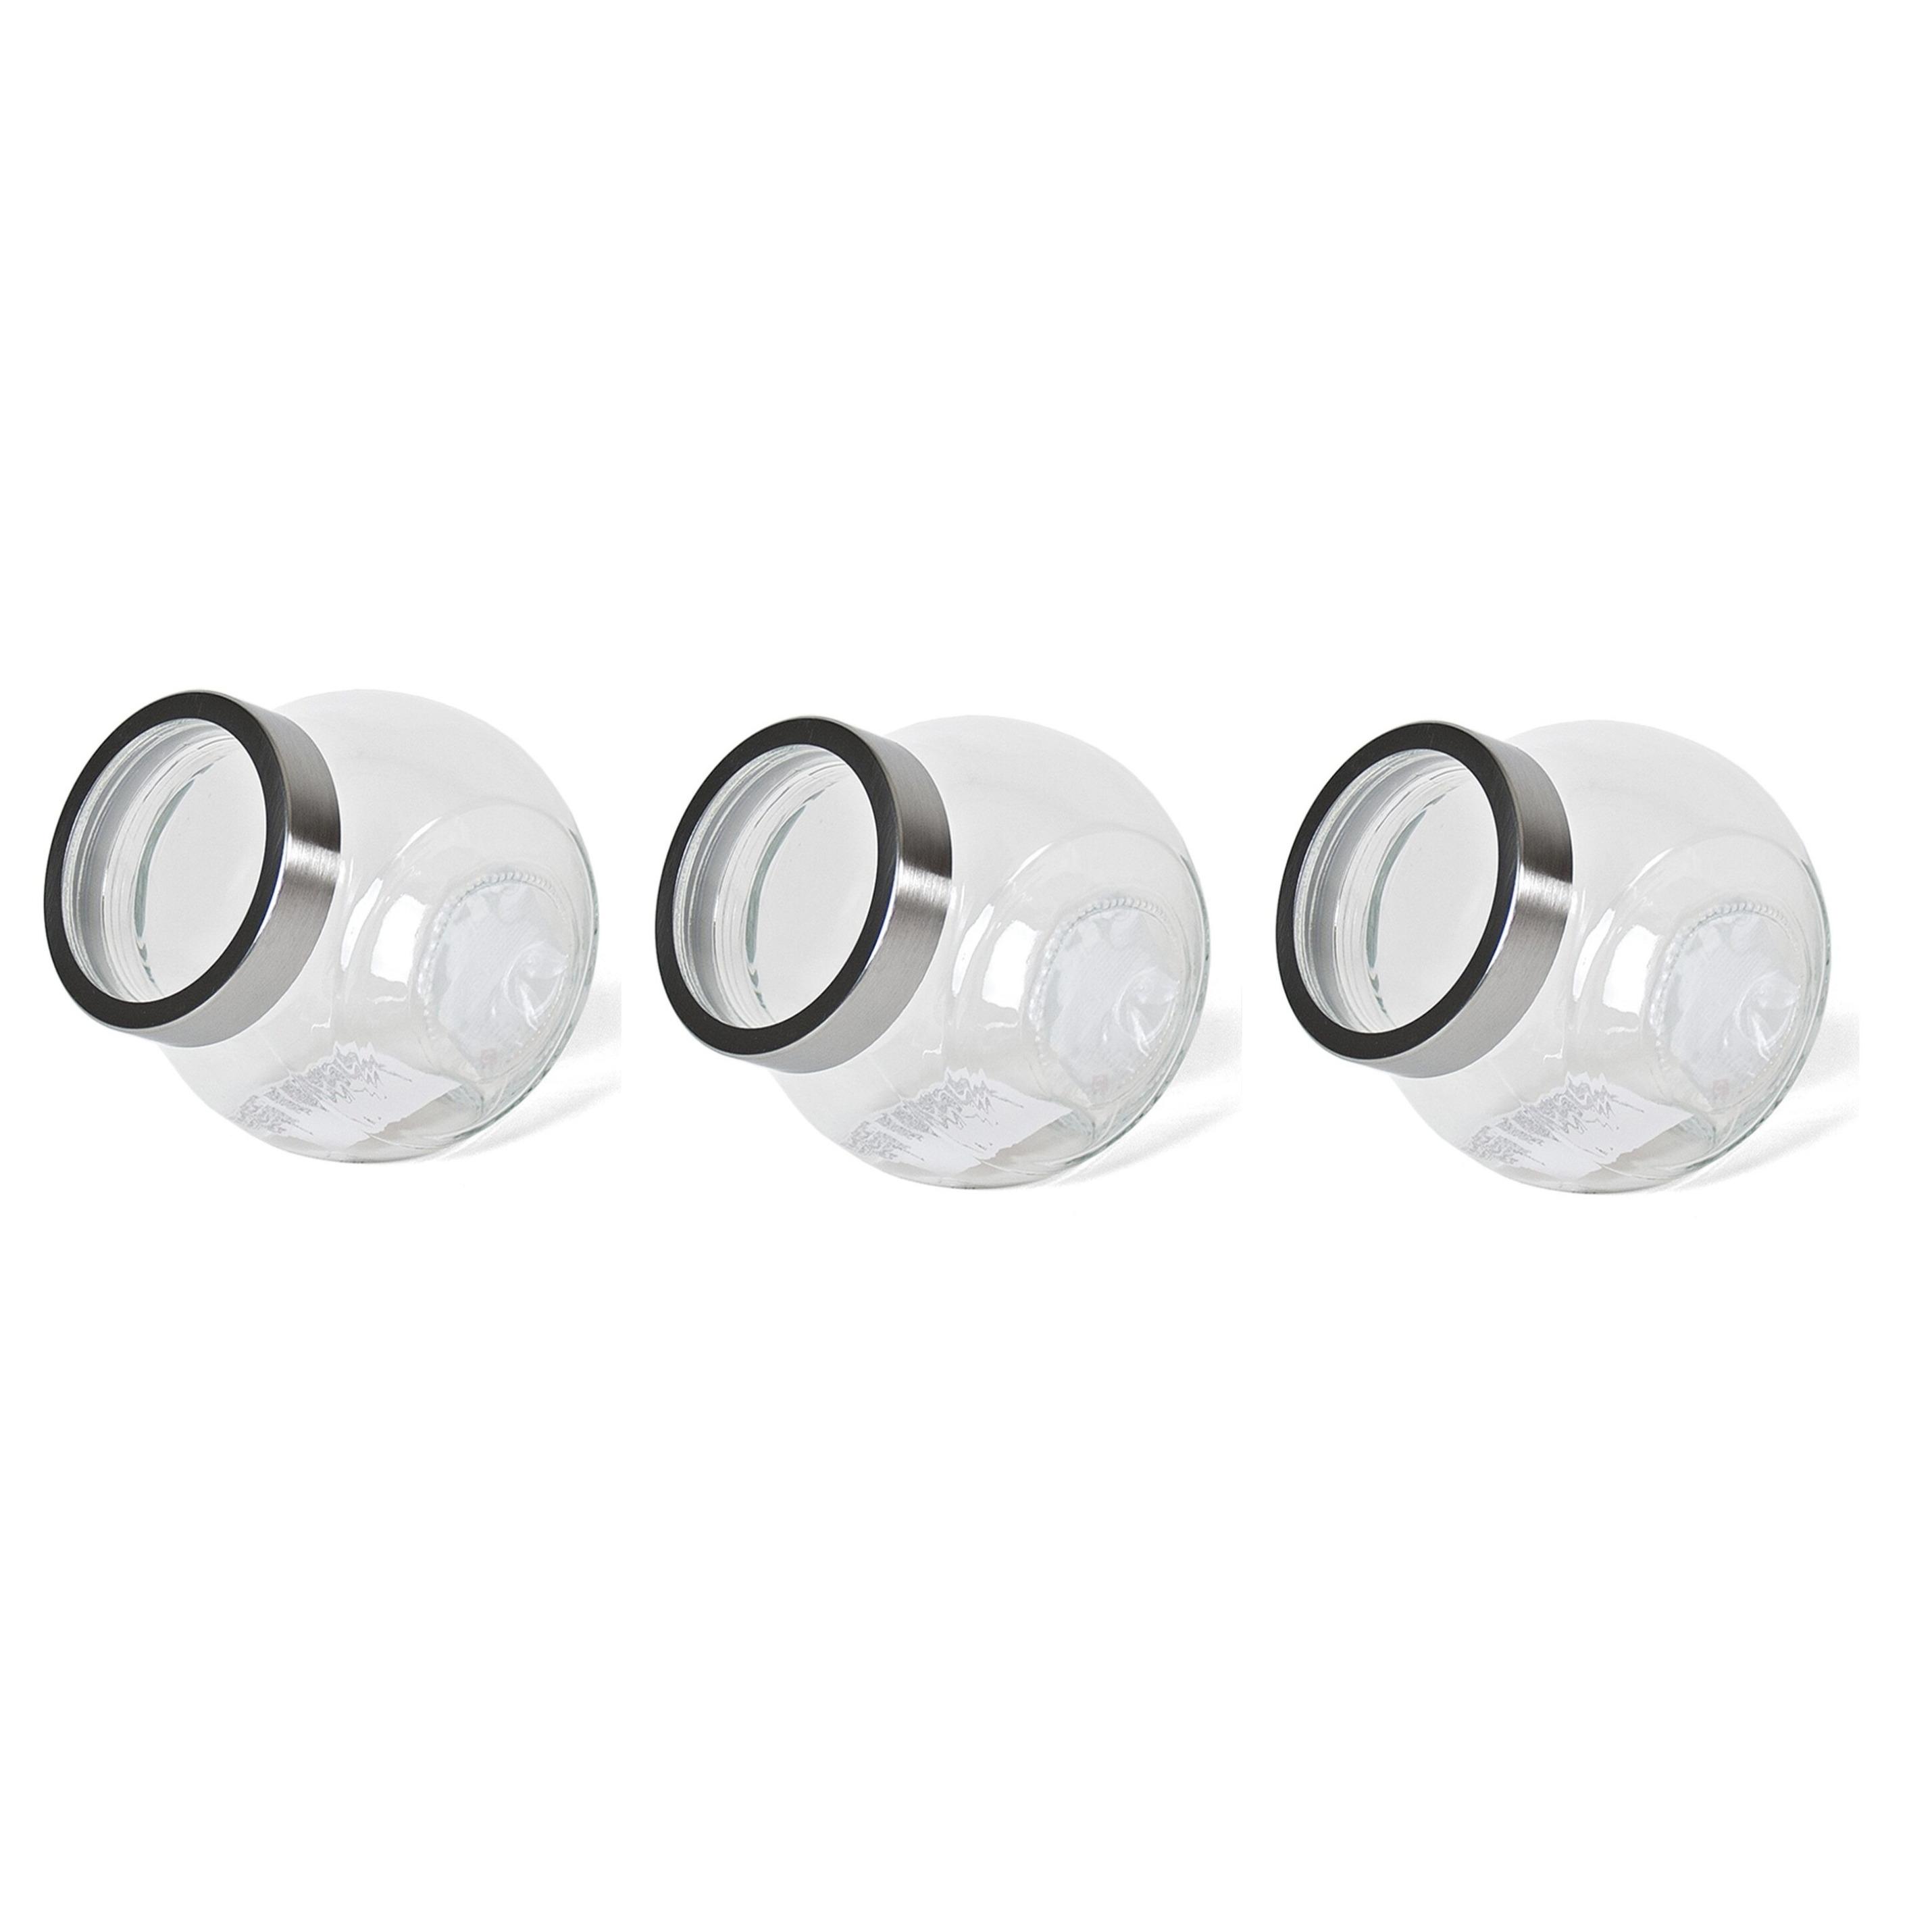 Pakket van 6x stuks transparante snoeppotten/voorraadpotten van glas 2200 ml